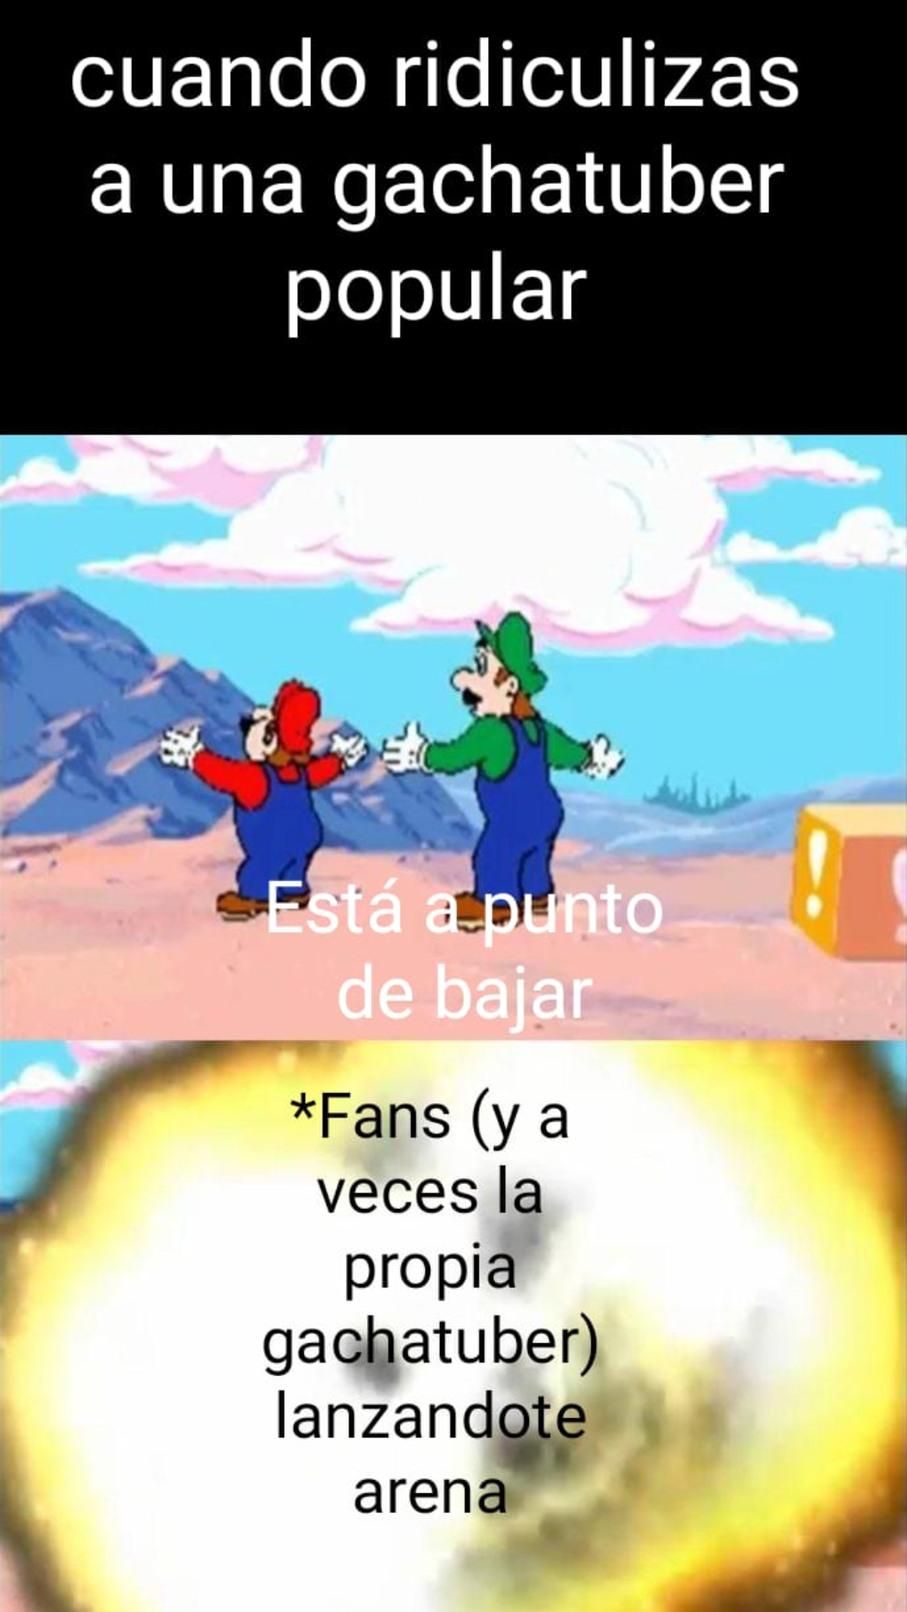 Hotel Mario - meme